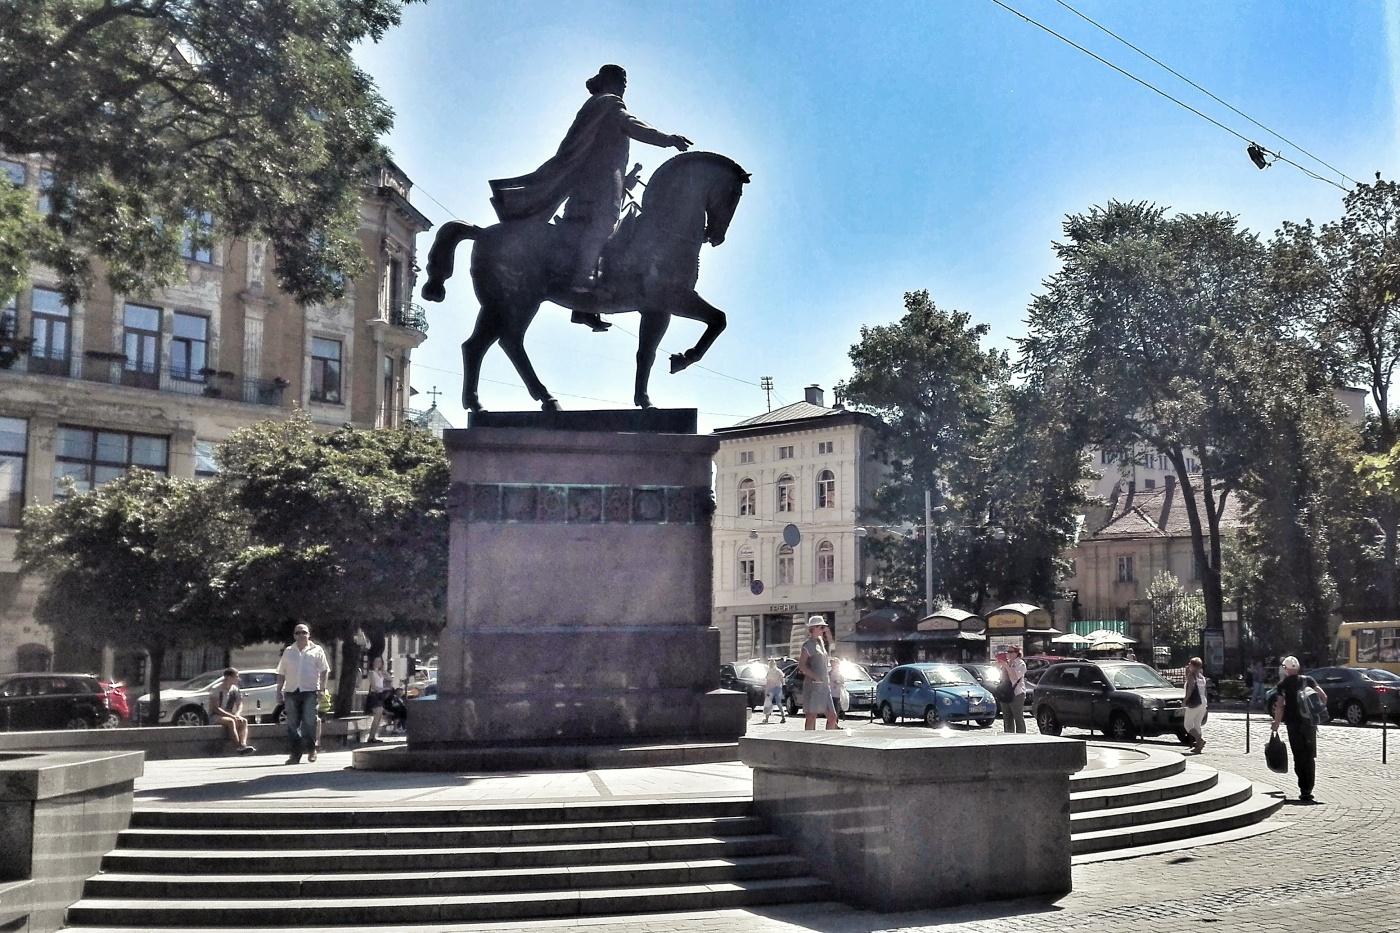 Prințul Danylo Halytsky (1201-1264) conducătorul Regatului Galiției și Volîniei, imortalizat călăre în apropierea Pieței Rynok din Liov